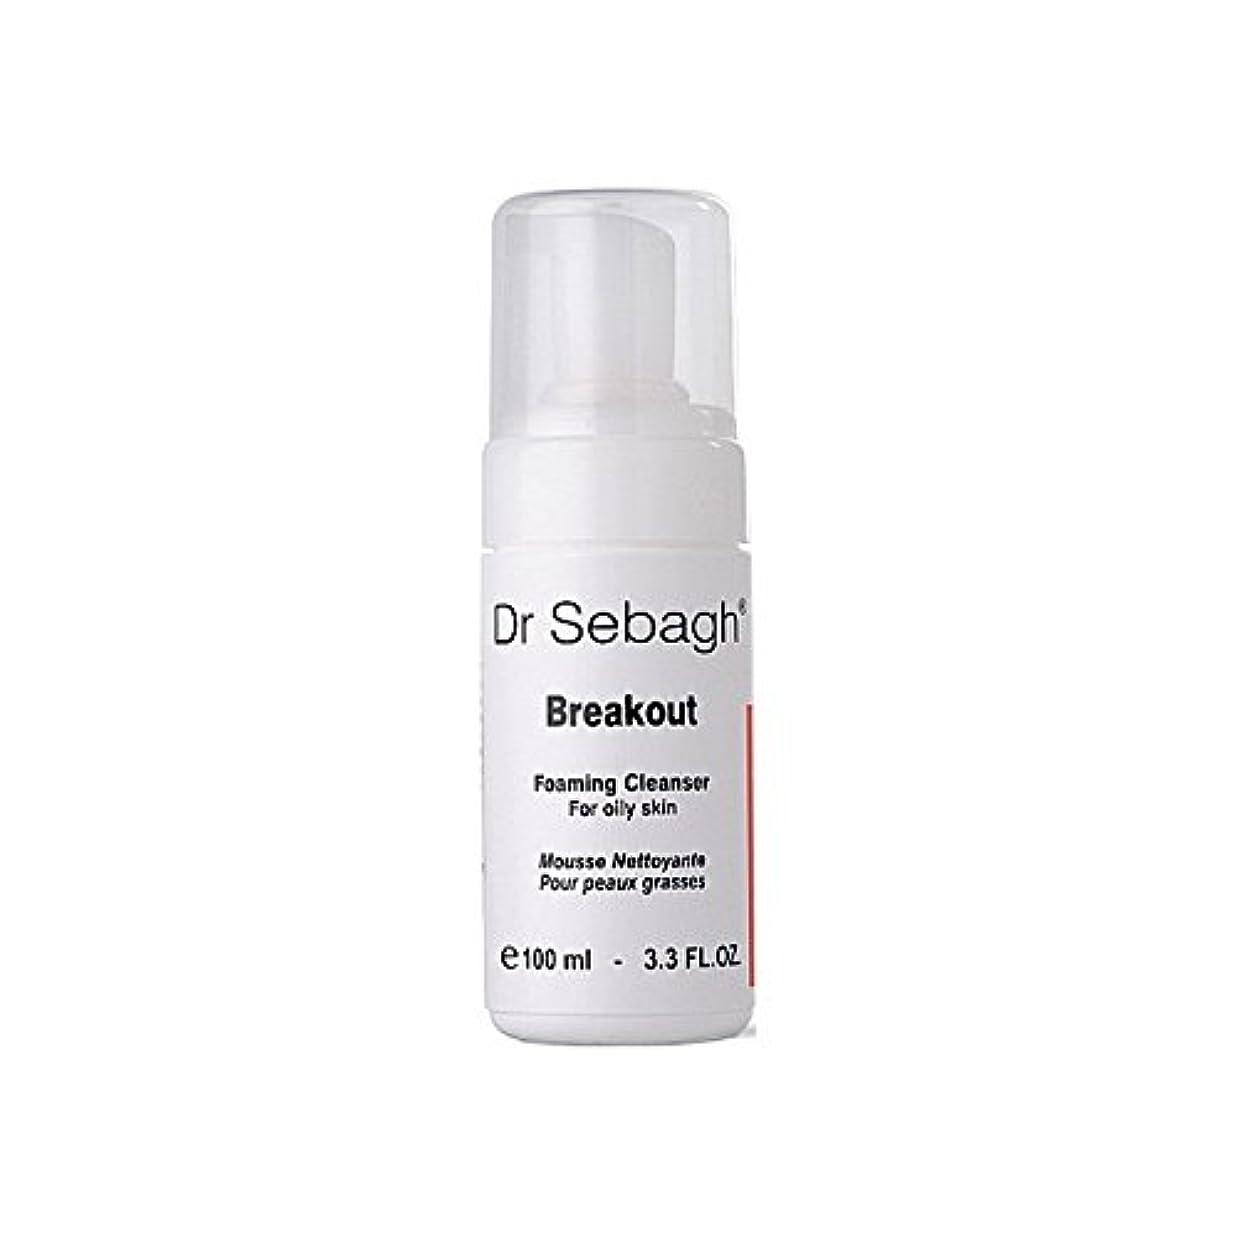 わかるユーモアうねるクレンザーを発泡の のブレイクアウト x2 - Dr Sebagh Breakout Foaming Cleanser (Pack of 2) [並行輸入品]